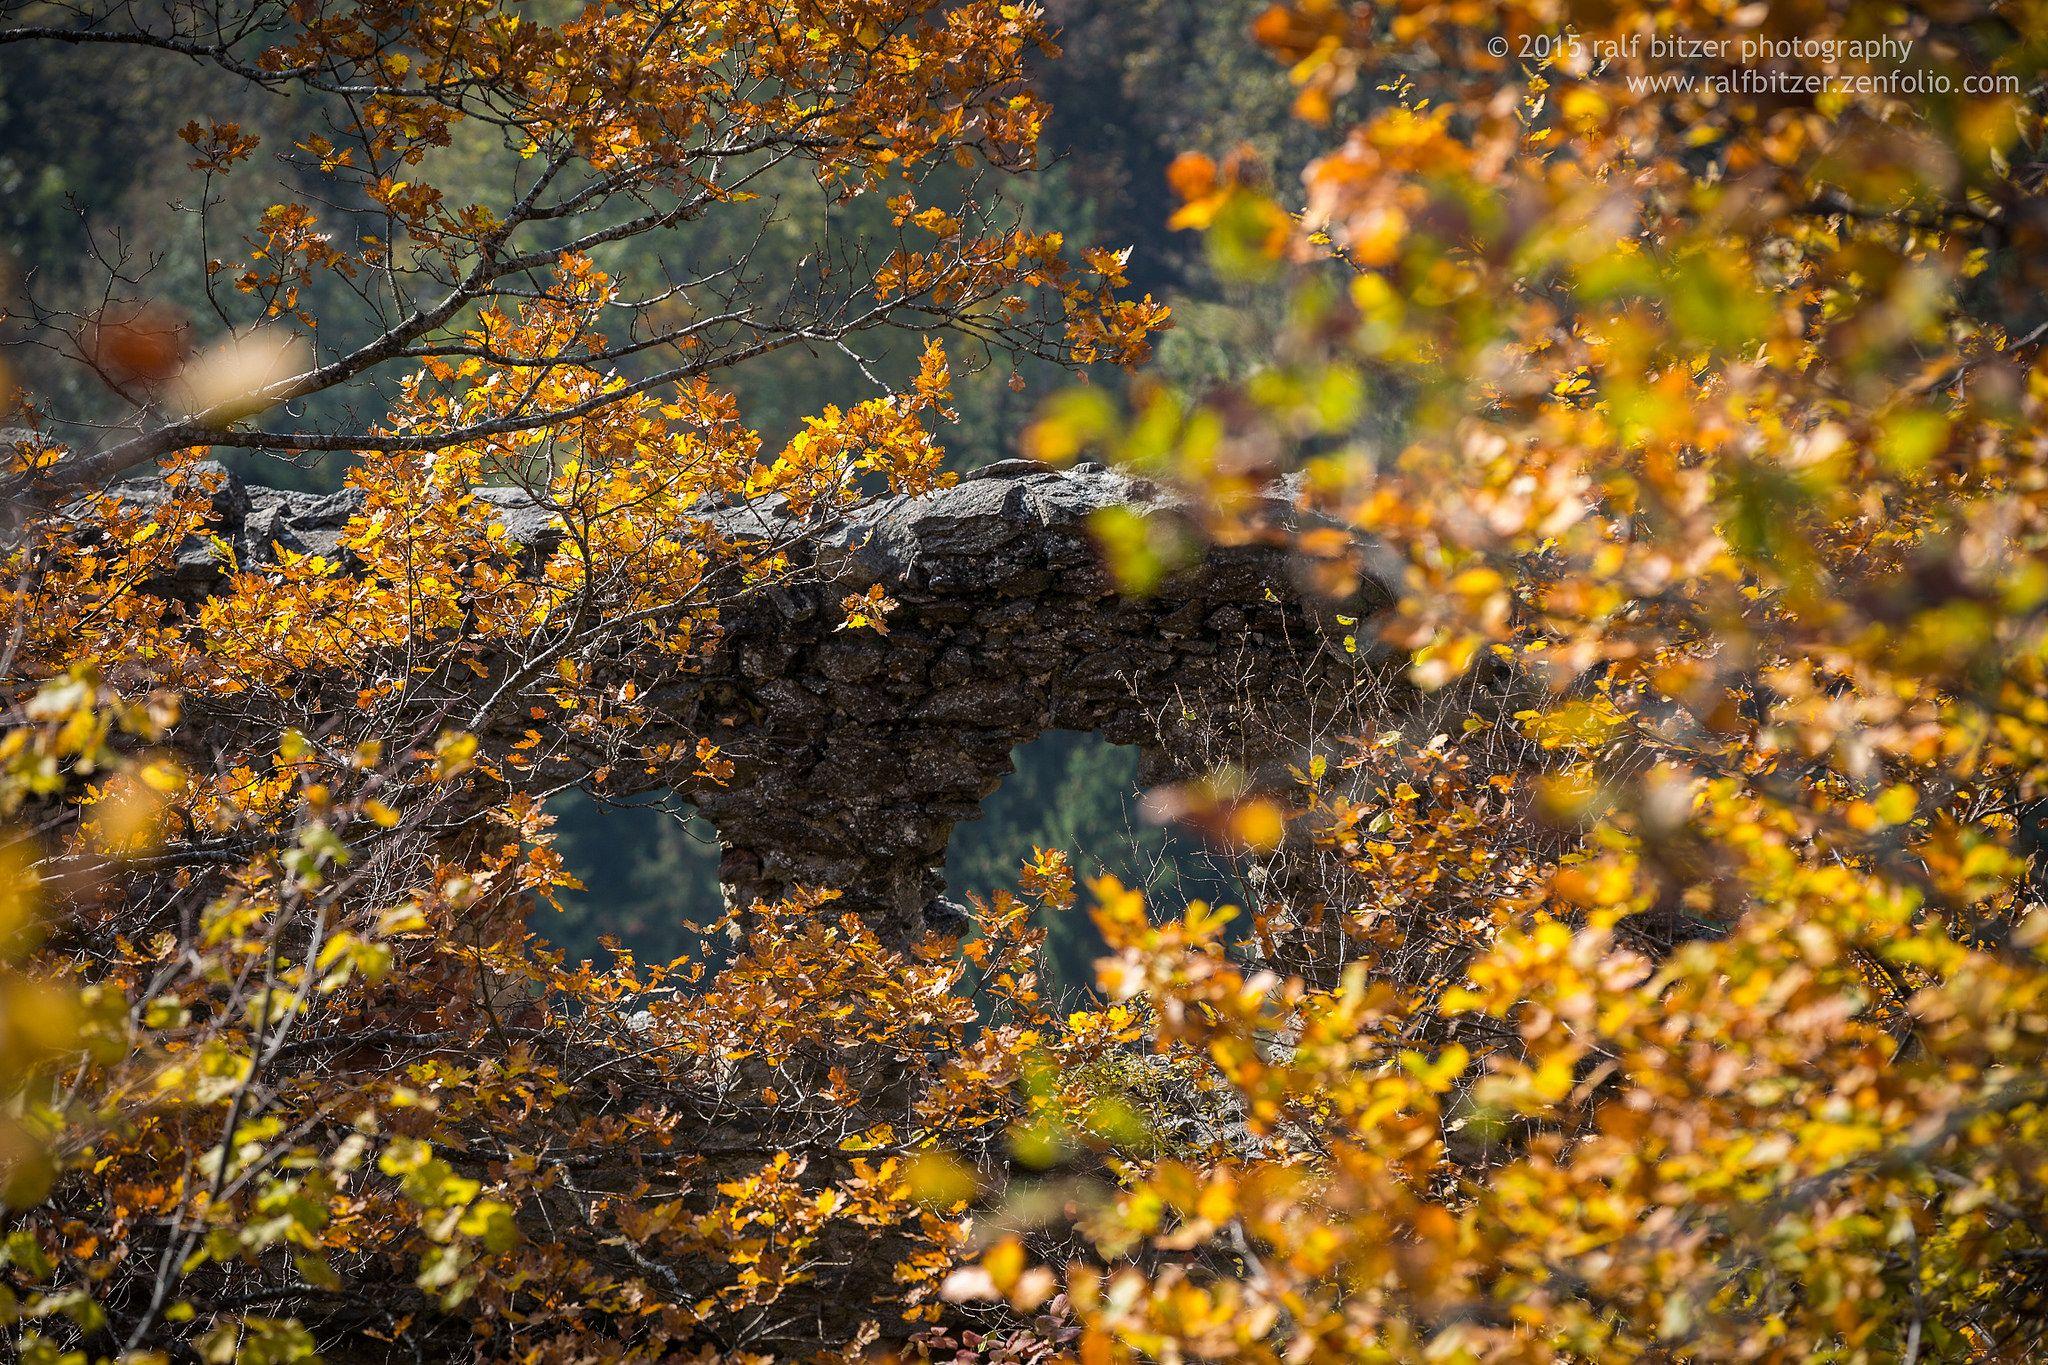 https://flic.kr/p/zWJHEw   The eyes of the castle   Mauerreste der Burgruine Hohenkrähen umrahmt von herbstlich gefärbten Bäumen, an einem traumhafter Oktober Tag.